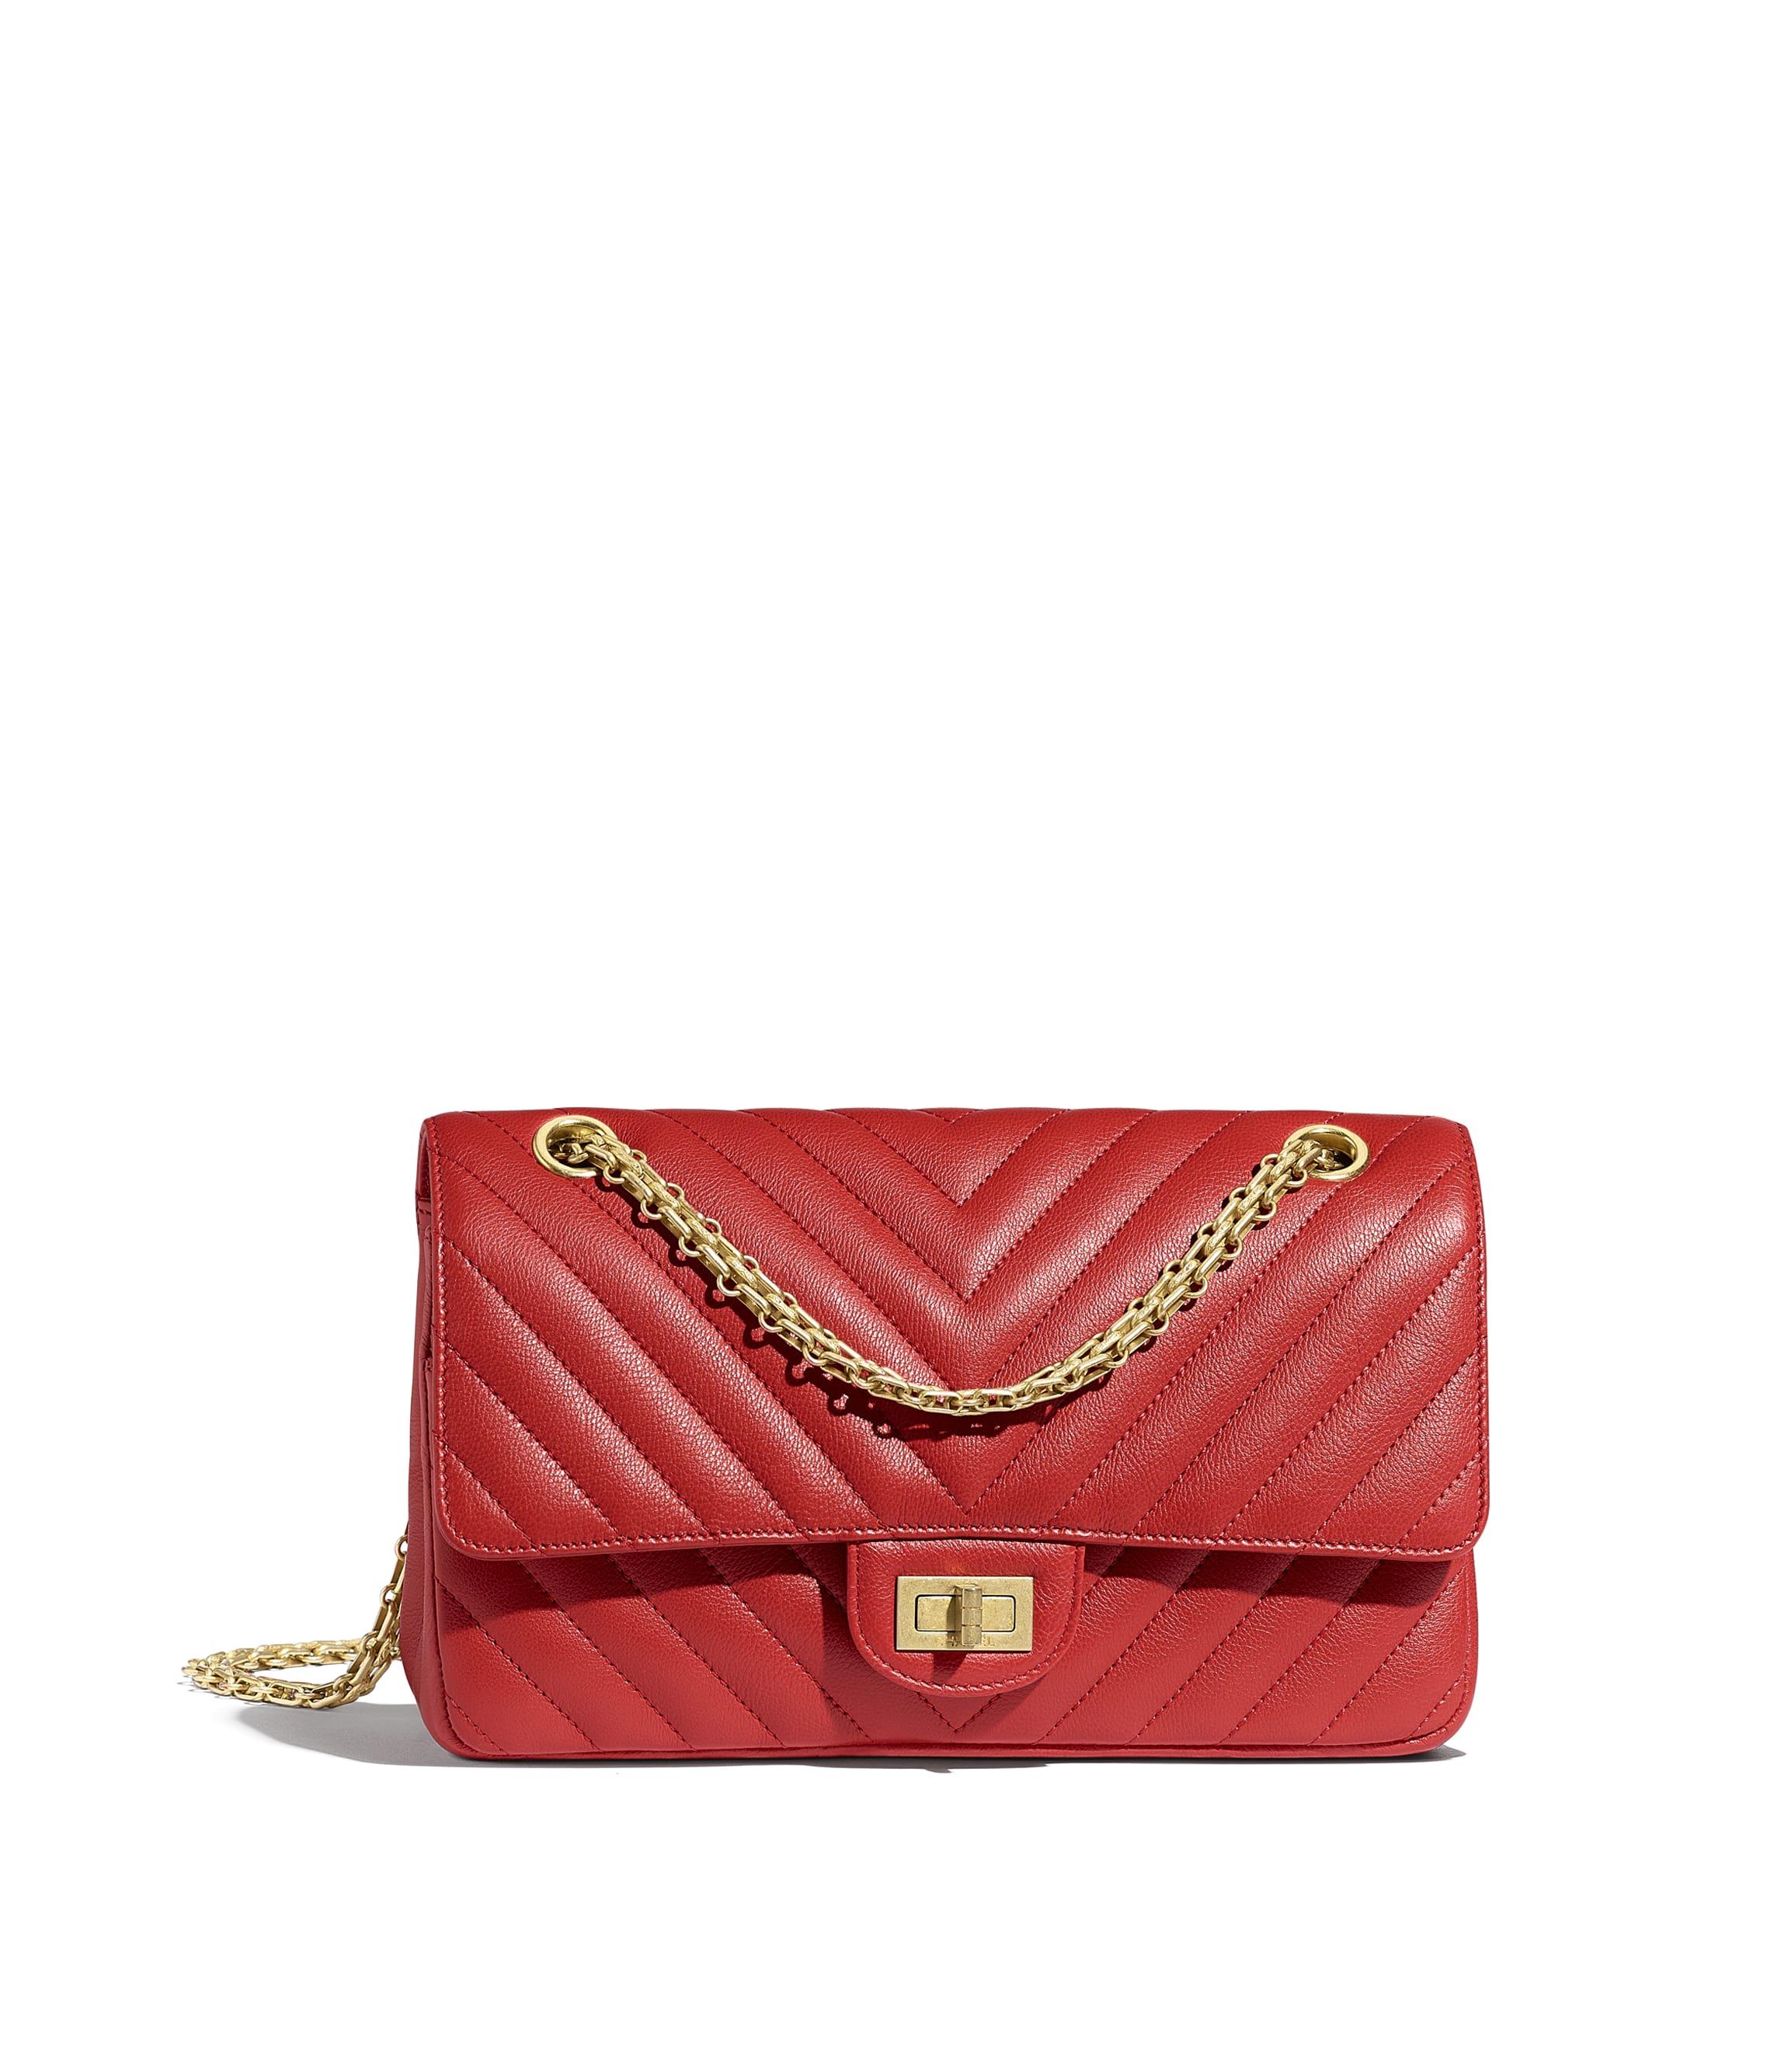 815912e1b24e66 2.55 Handbags - Handbags - CHANEL